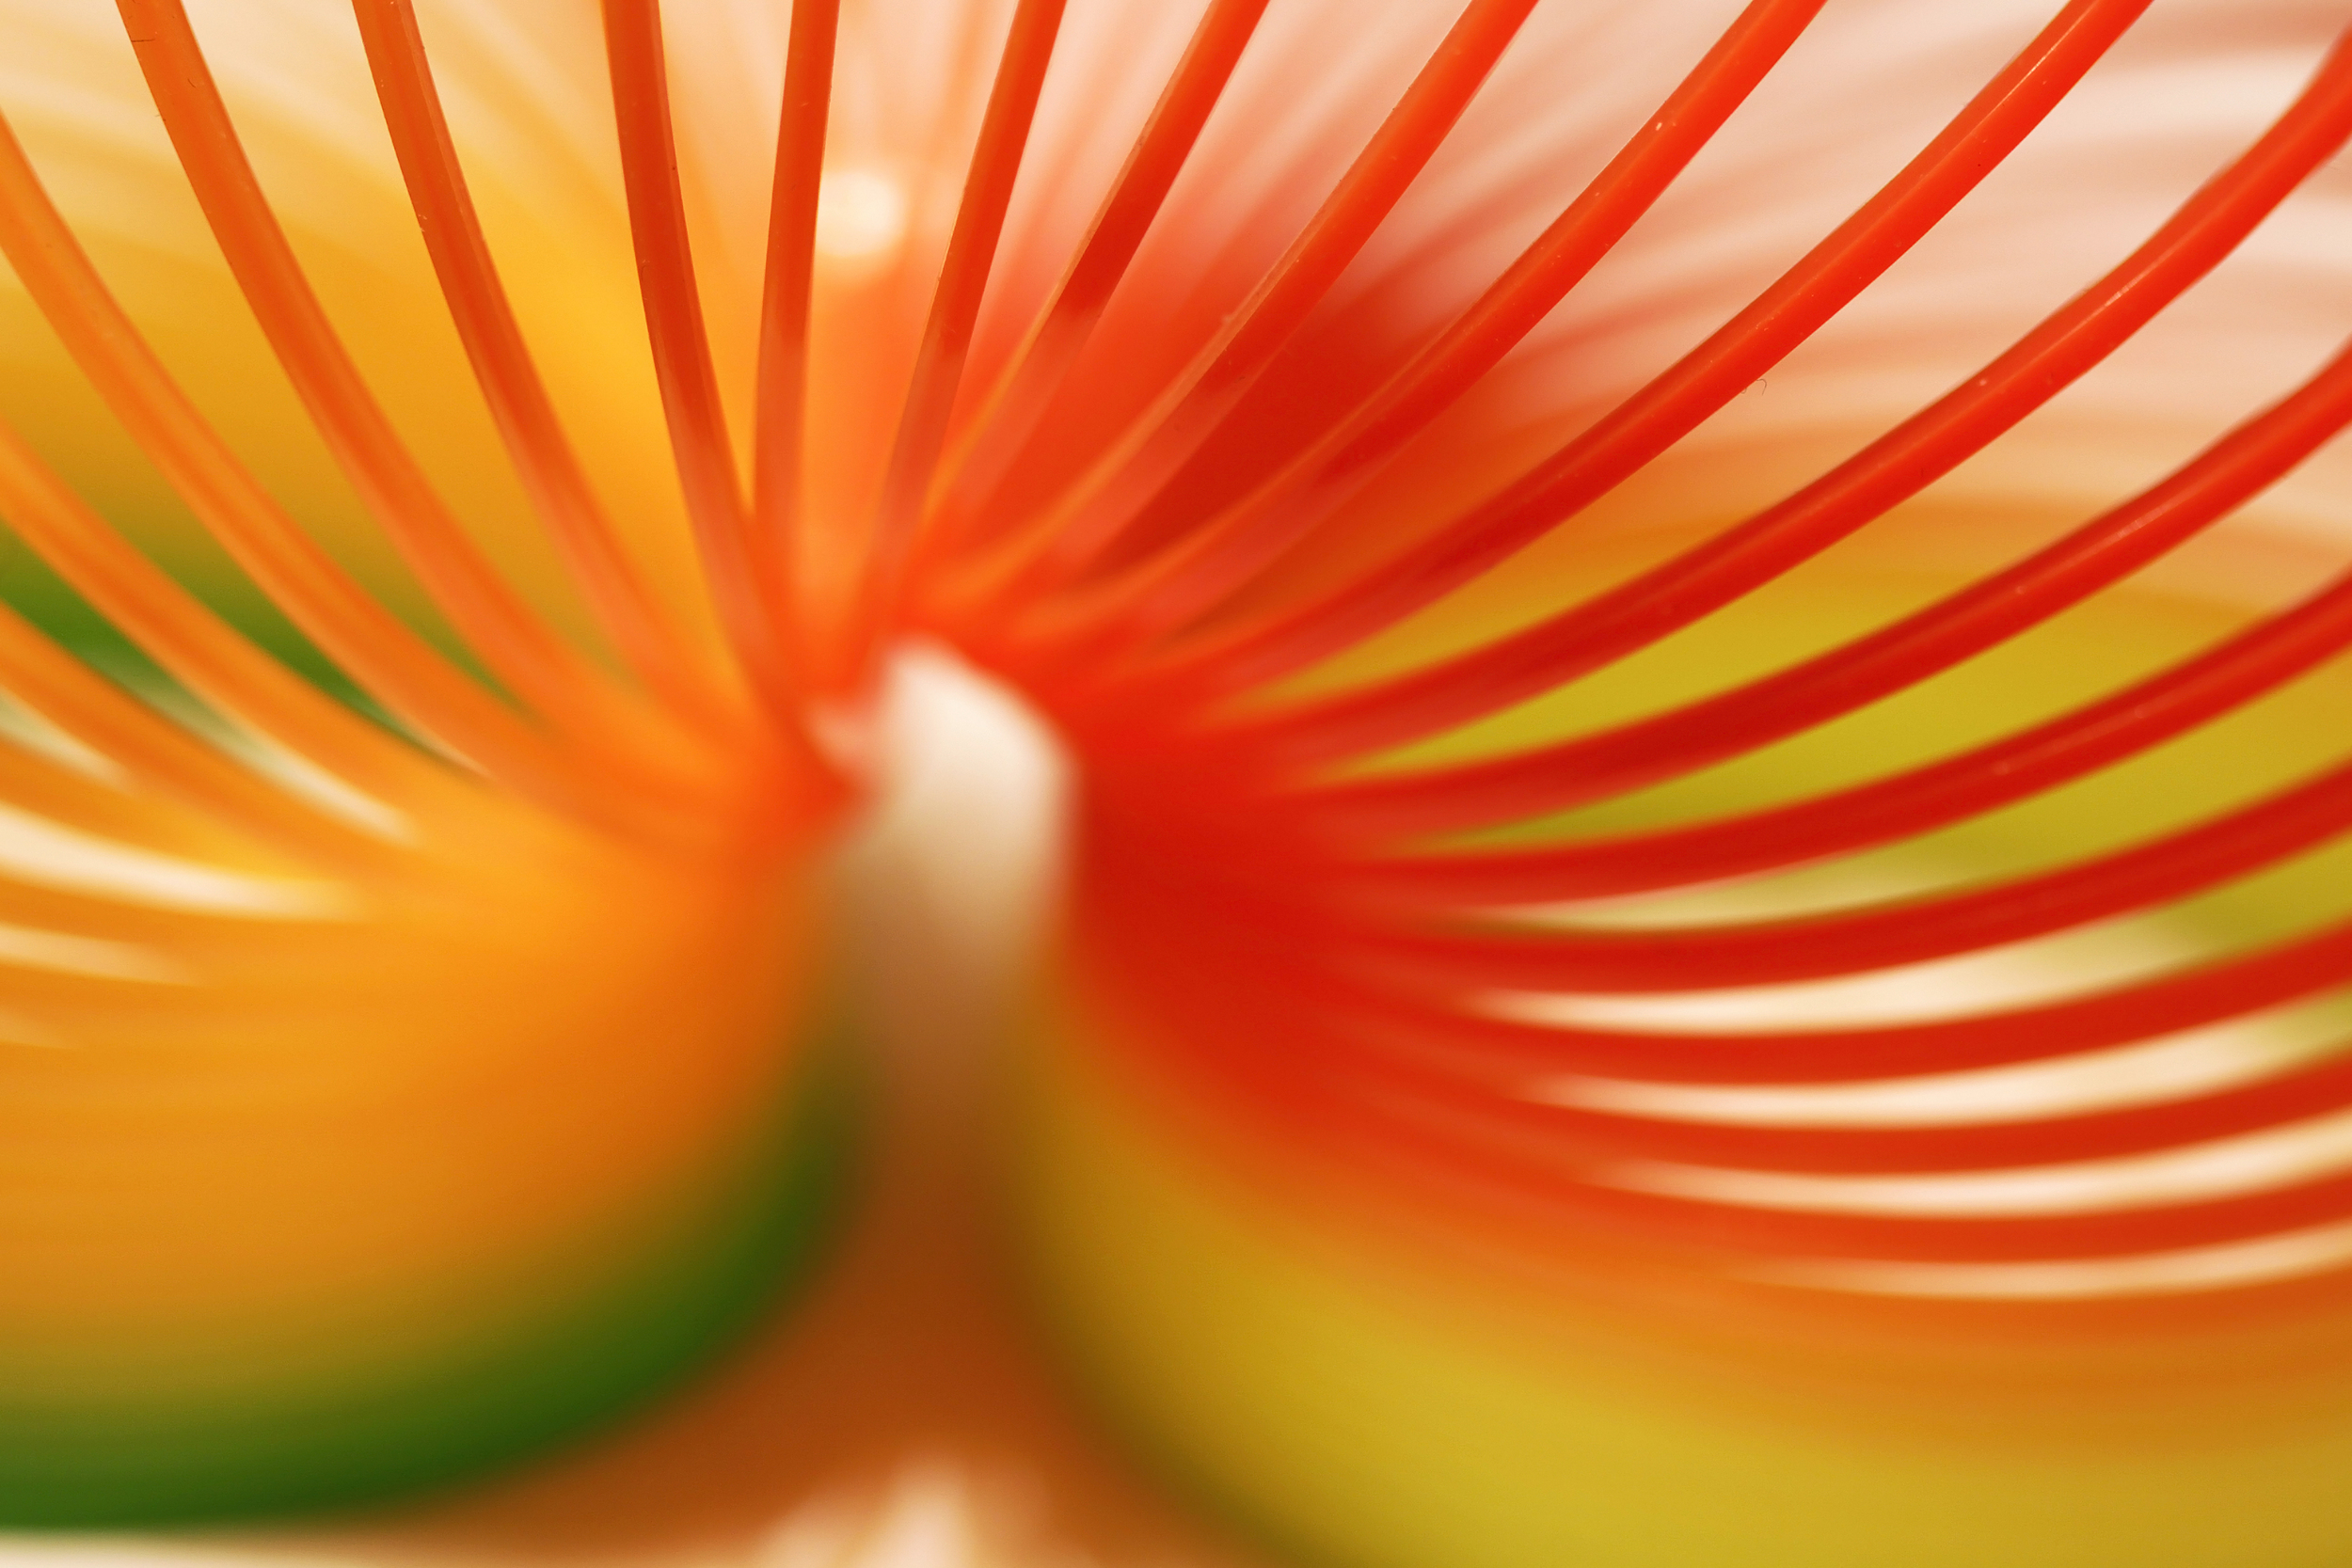 Spiral sun